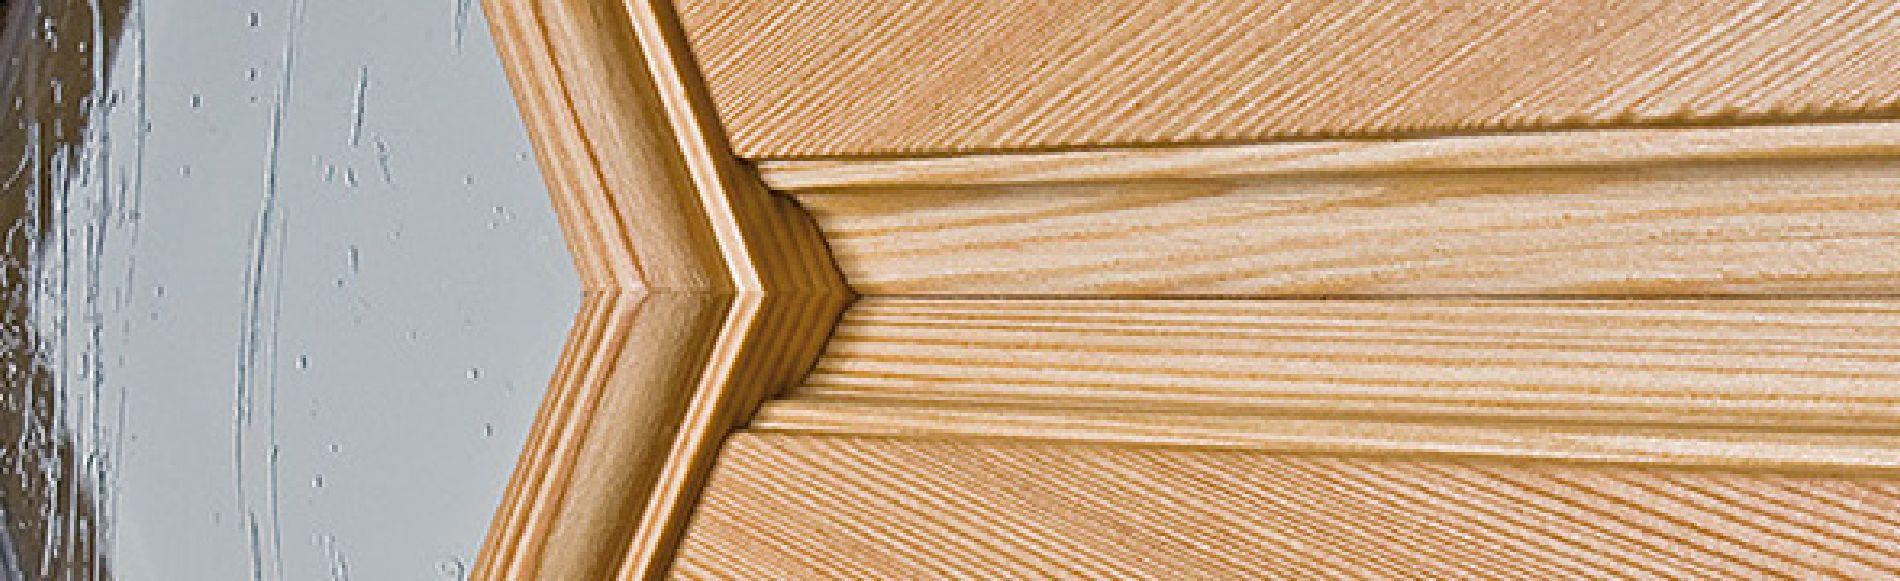 Full Size of Haustren Aus Holz Gnstig Kaufen Wippel Fenster Tren Auf Maß Bett Günstig Xxl Sofa Bodentief Sicherheitsfolie Test Herne Fliegengitter Günstige Betten Fenster Fenster Günstig Kaufen